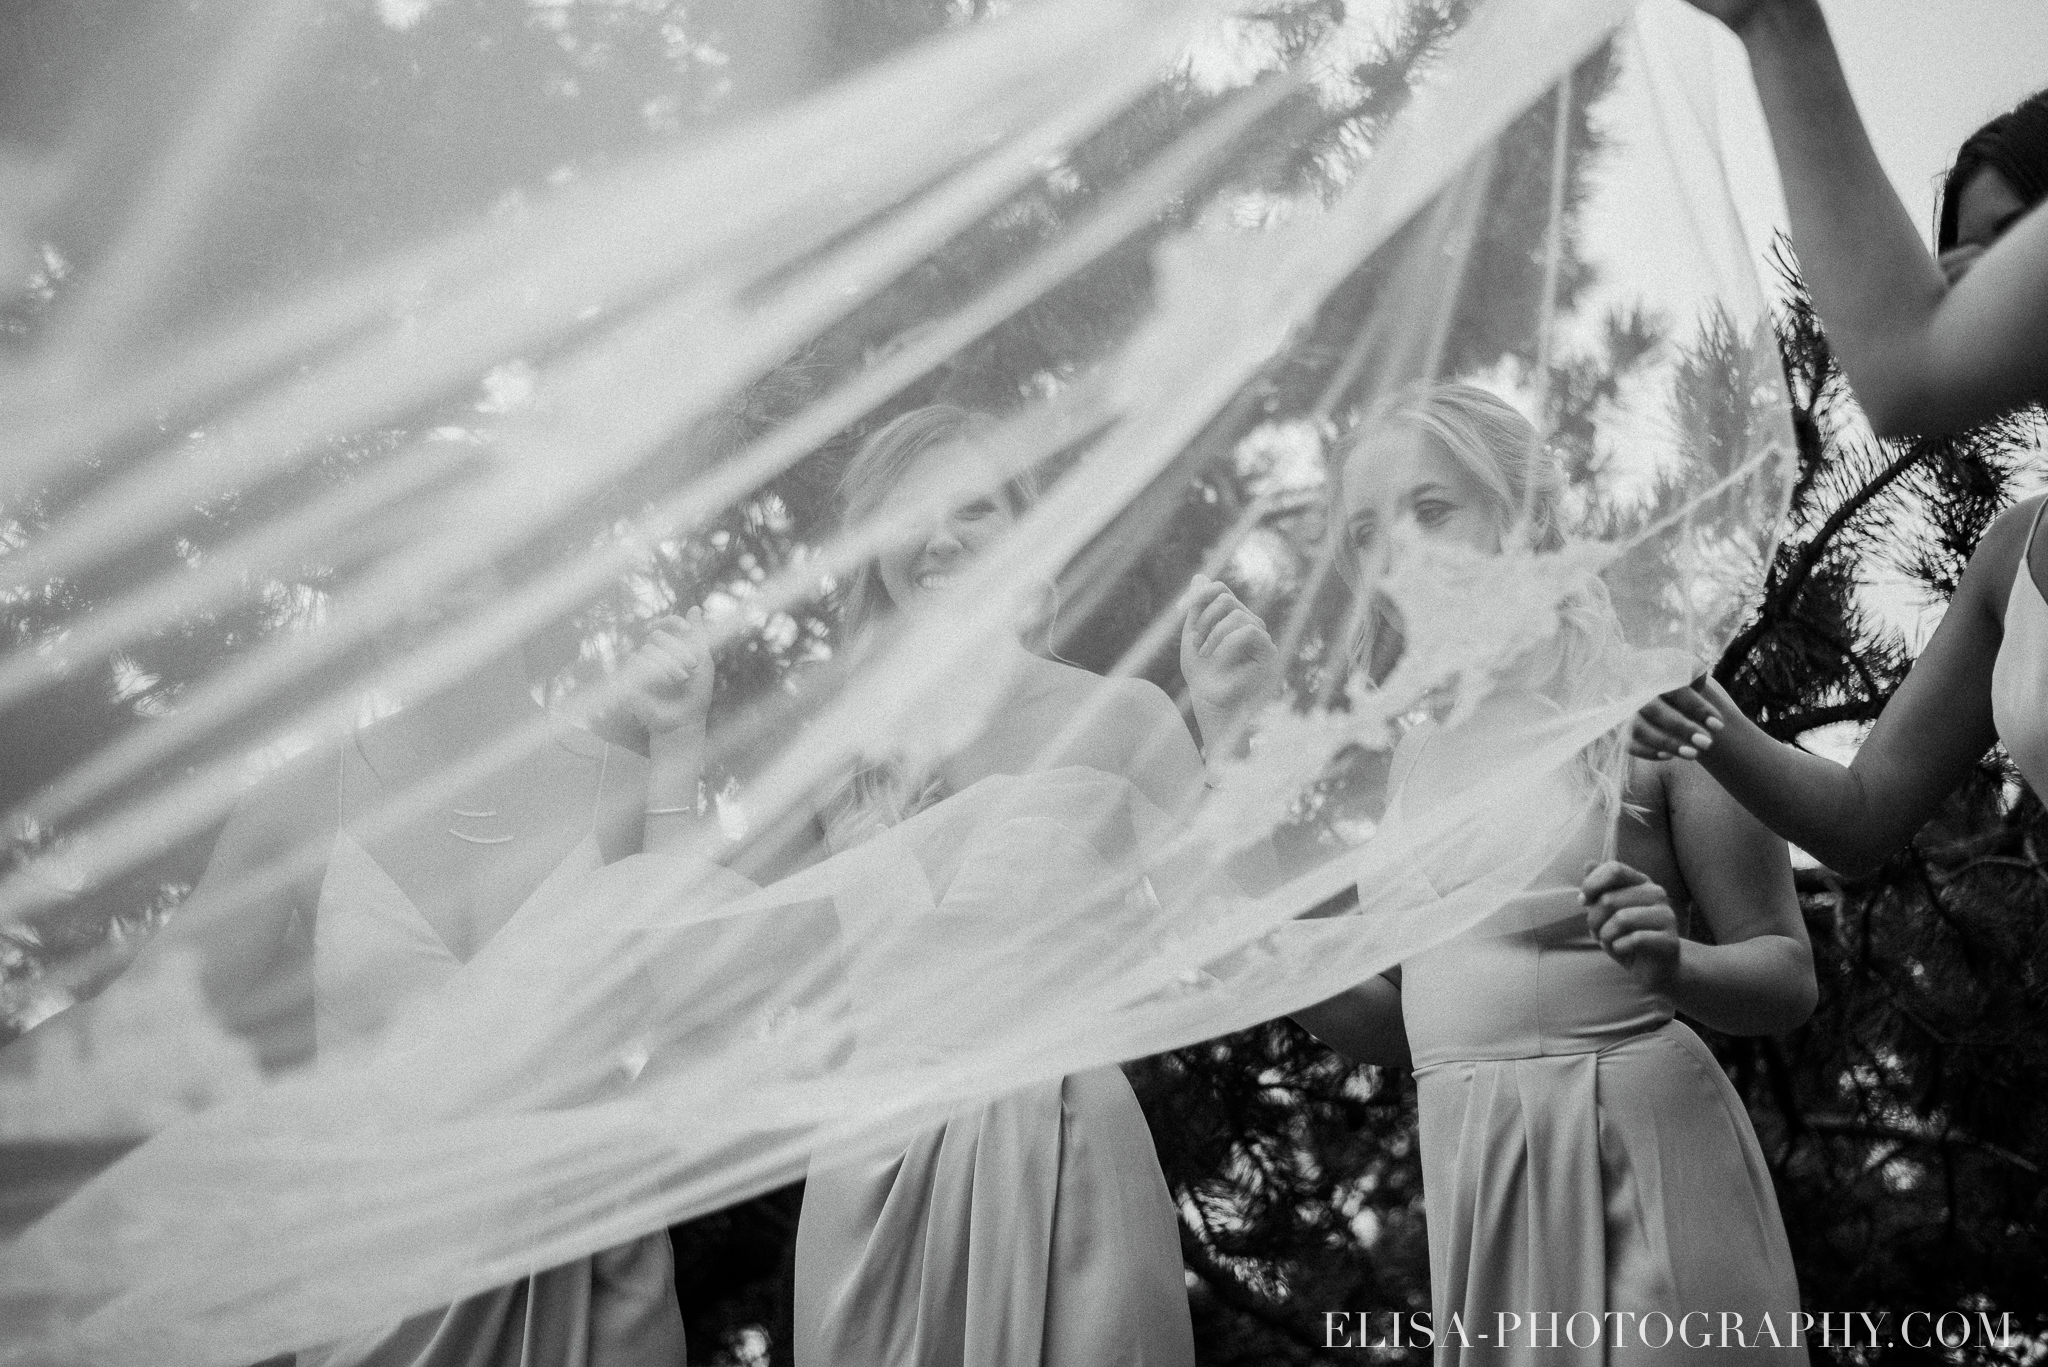 photo mariage domaine prive estate bord de l eau robe de la mariee cortege voile cape cod style 3173 - Mariage sur un domaine privé au bord de l'eau: Emmanuelle & Marc-Antoine